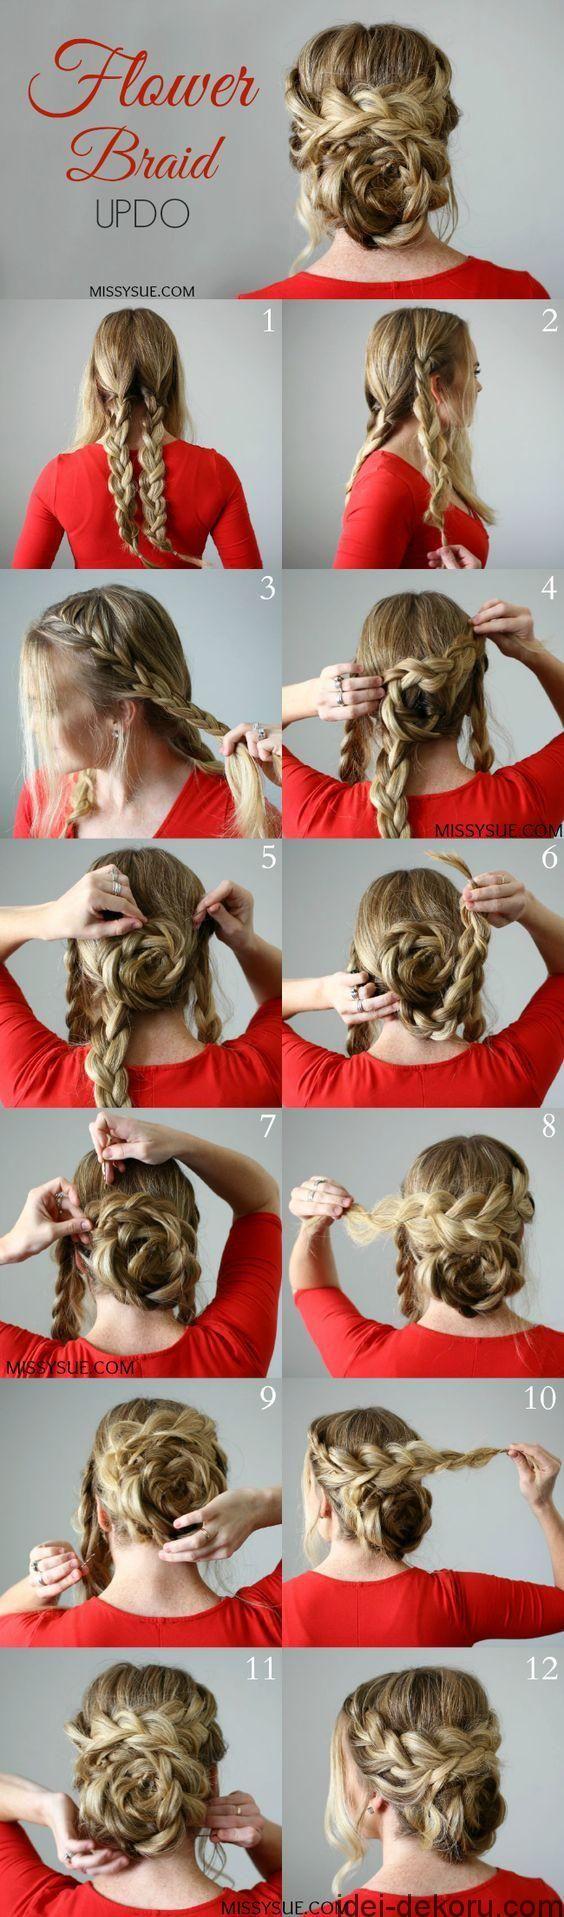 Вишукані зачіски самотужки(25 майстер-класів)